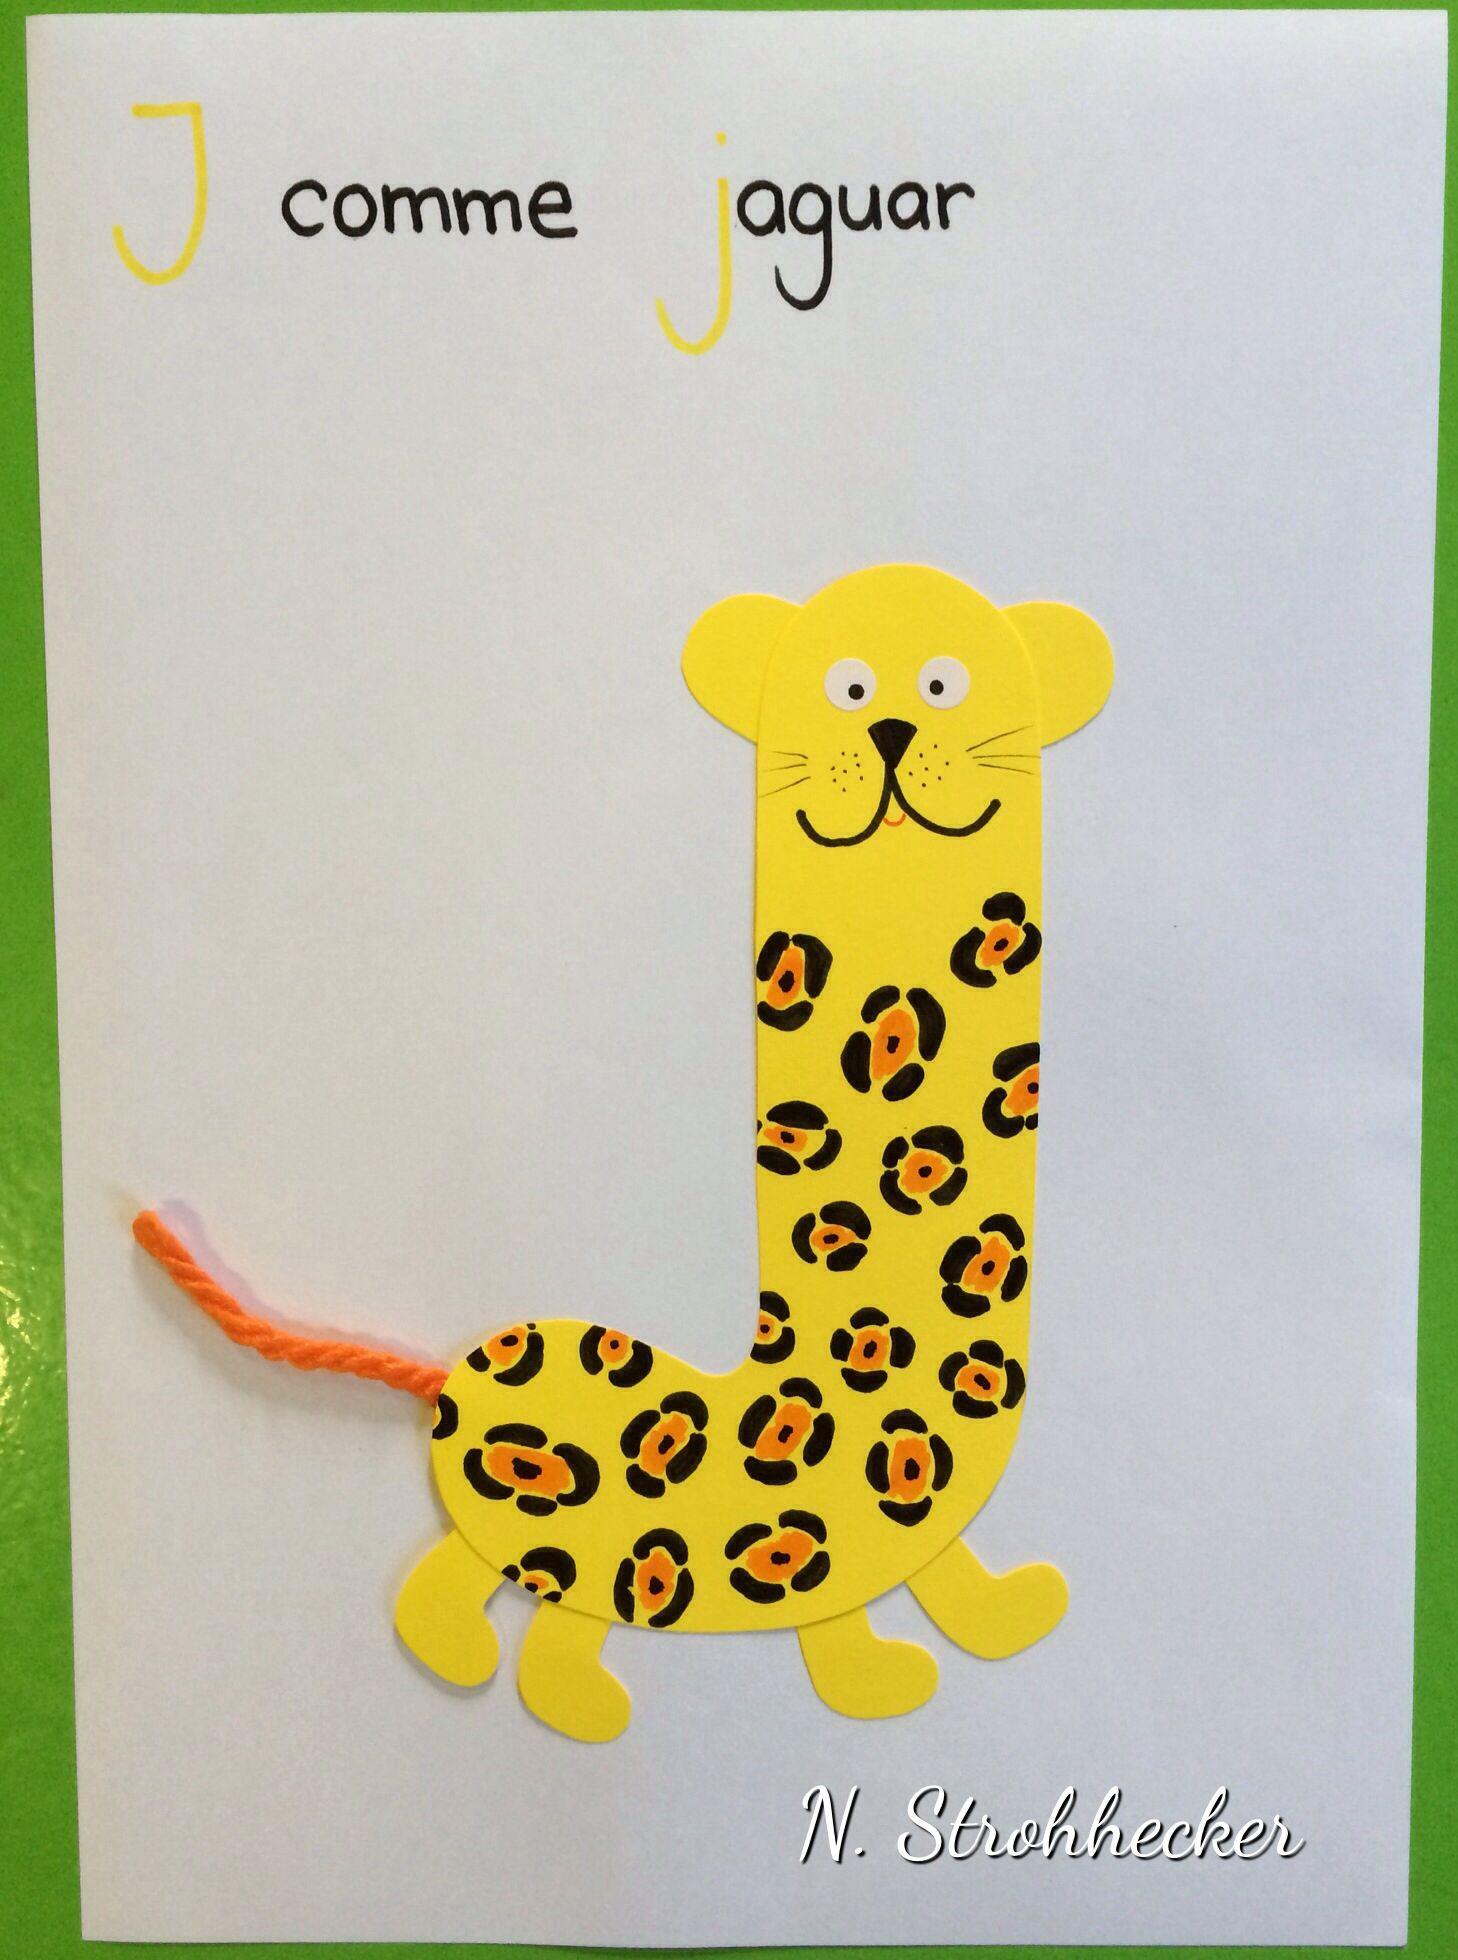 j comme jaguar bricolage lettre alphabet pinterest ab c daire lettres et alphabet. Black Bedroom Furniture Sets. Home Design Ideas